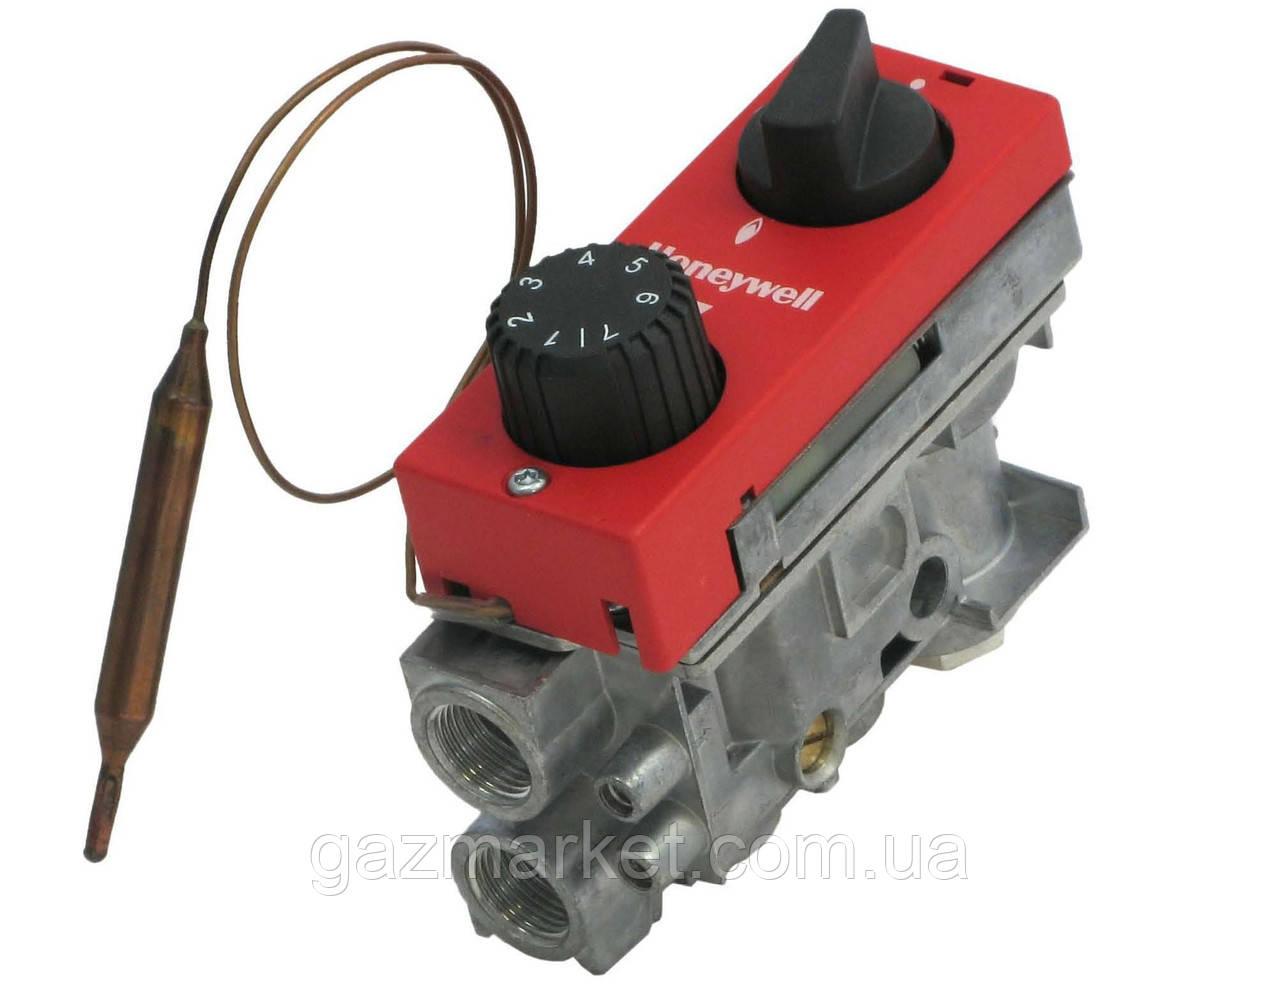 газовый клапан minisit 710 инструкция